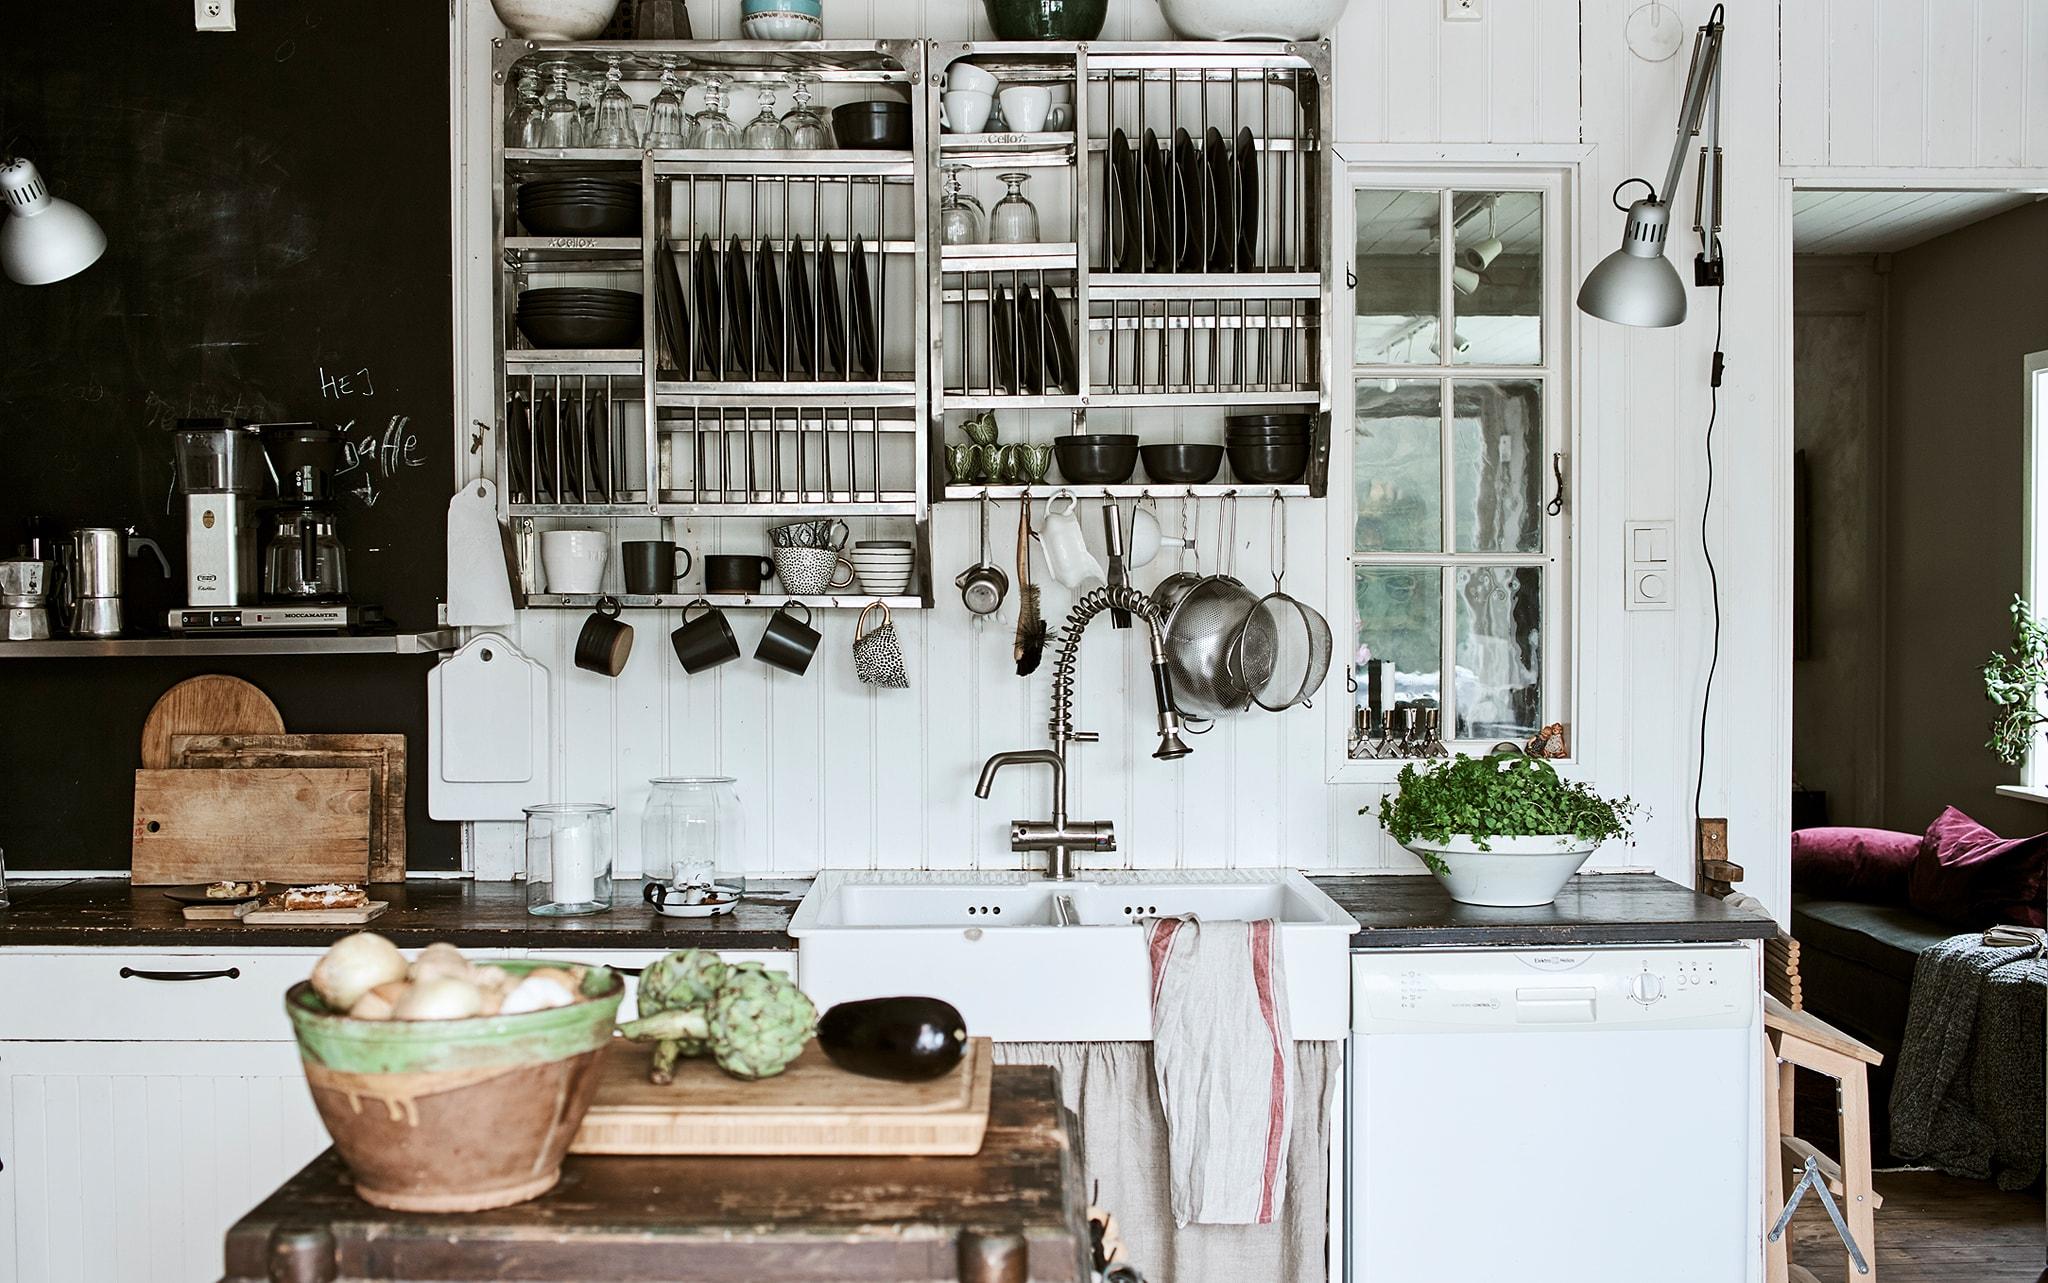 Dinding dapur dengan panel kayu putih dan cat papan tulis, ditambah rak terbuka bergaya industrial yang penuh barang pecah belah.